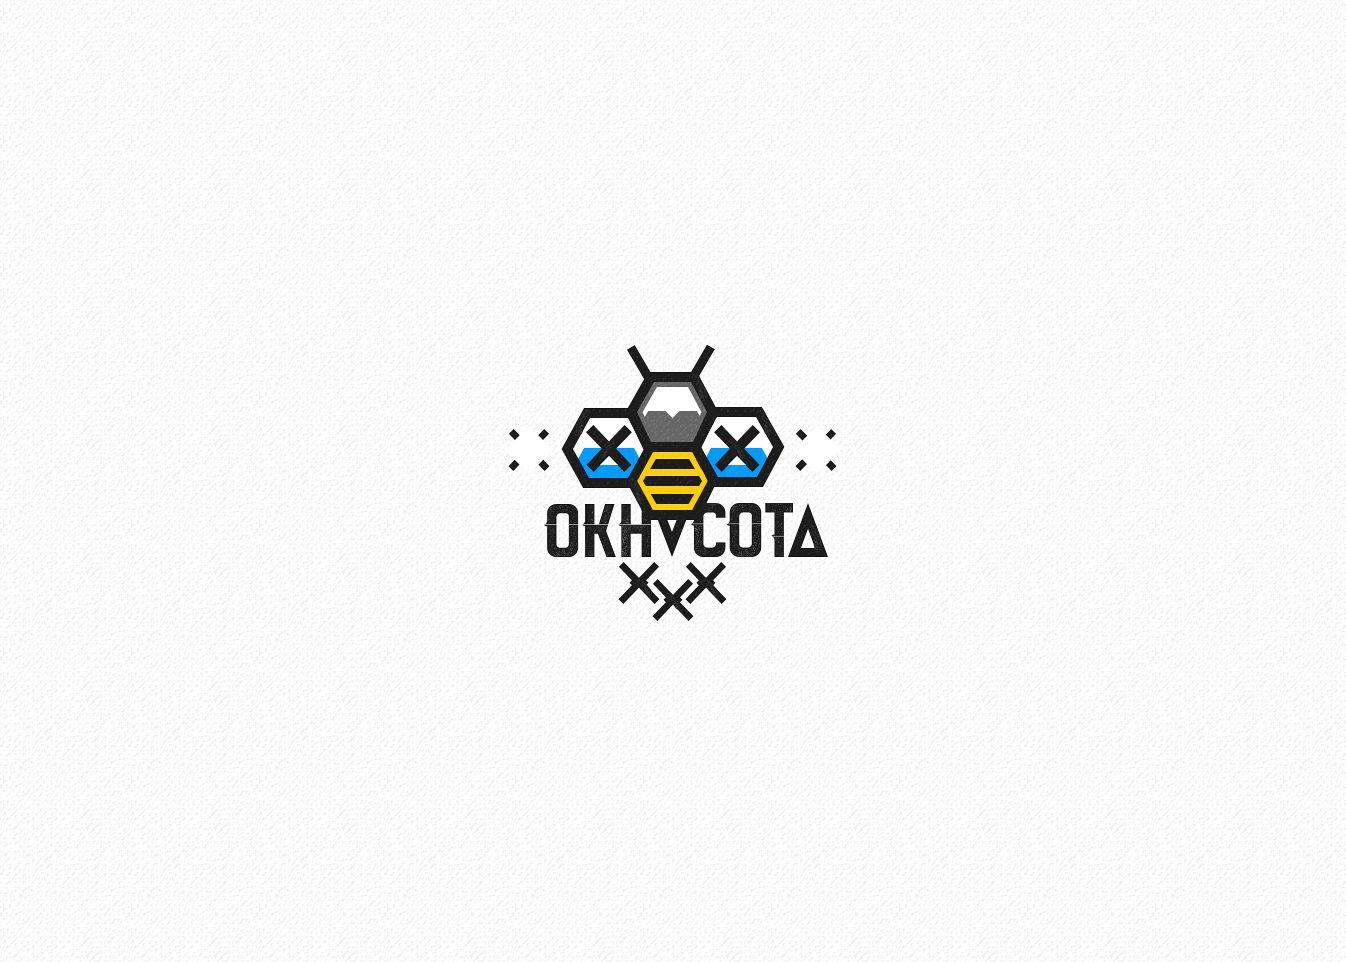 Логотип для ОКНАСОТА - дизайнер Rase